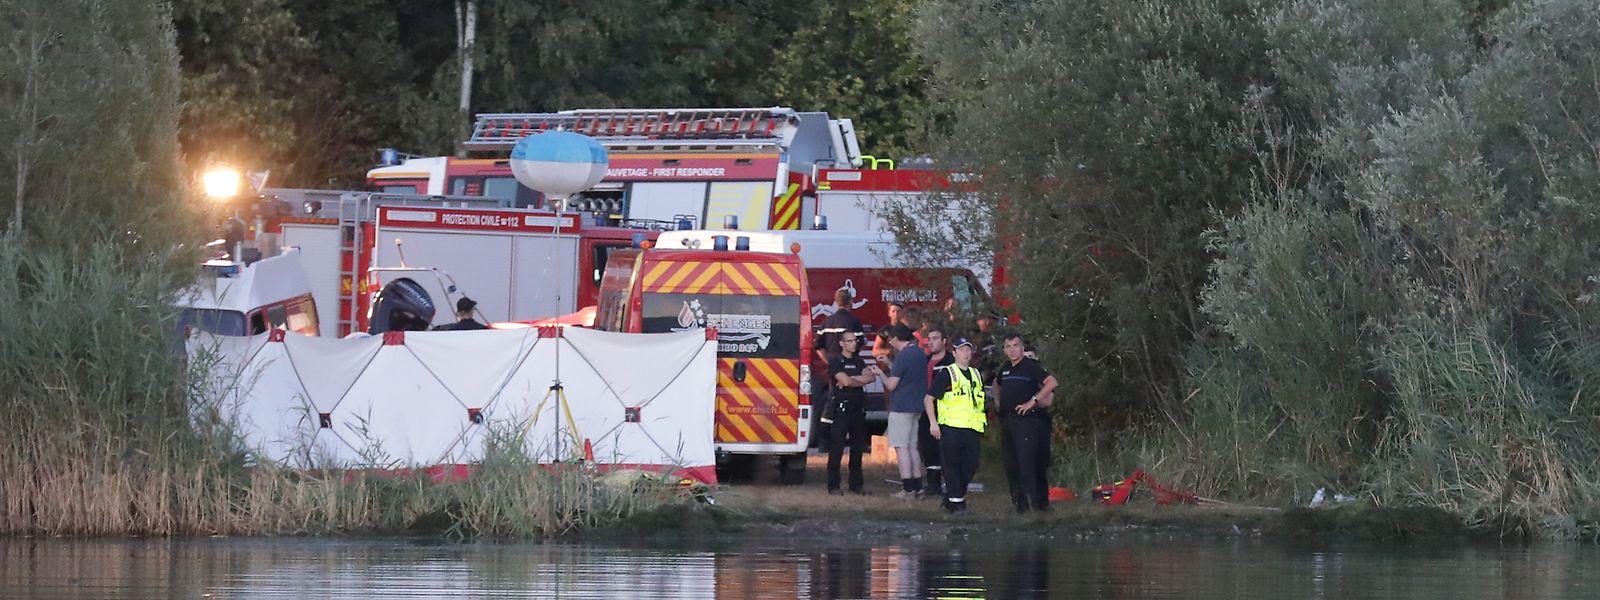 Am Tag des Unglücks besuchten mehr als 3000 Menschen den Baggerweiher. Keiner von ihnen griff zum Handy und rief die Rettungsdienste an.